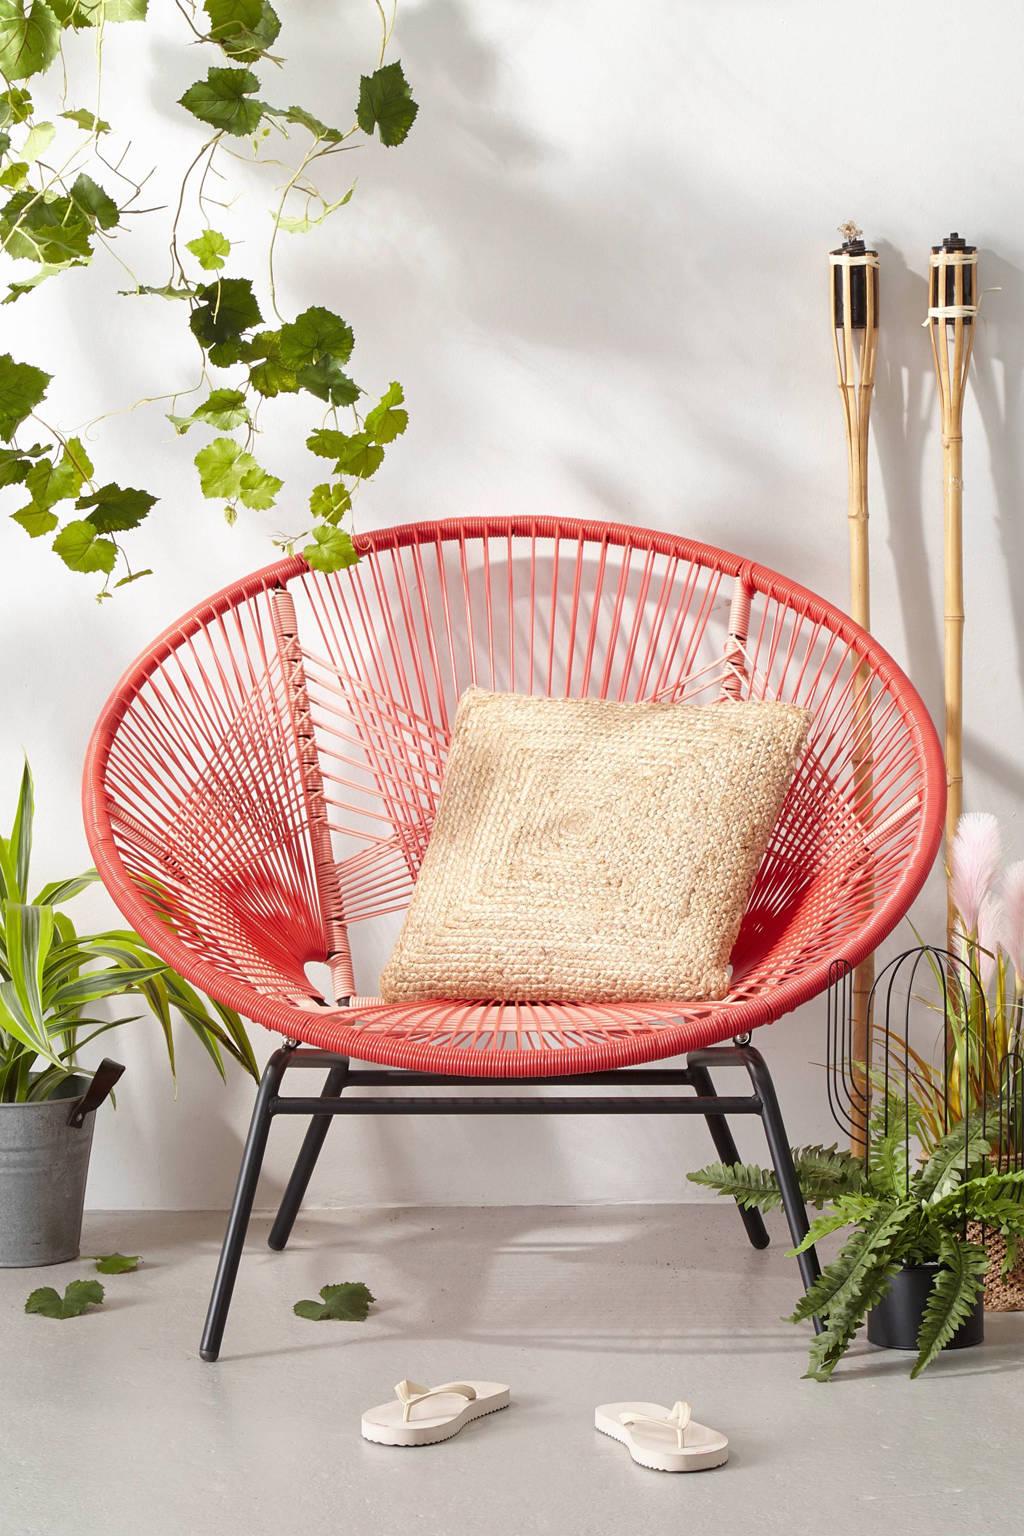 whkmp's own tuinstoel Miami, Roze